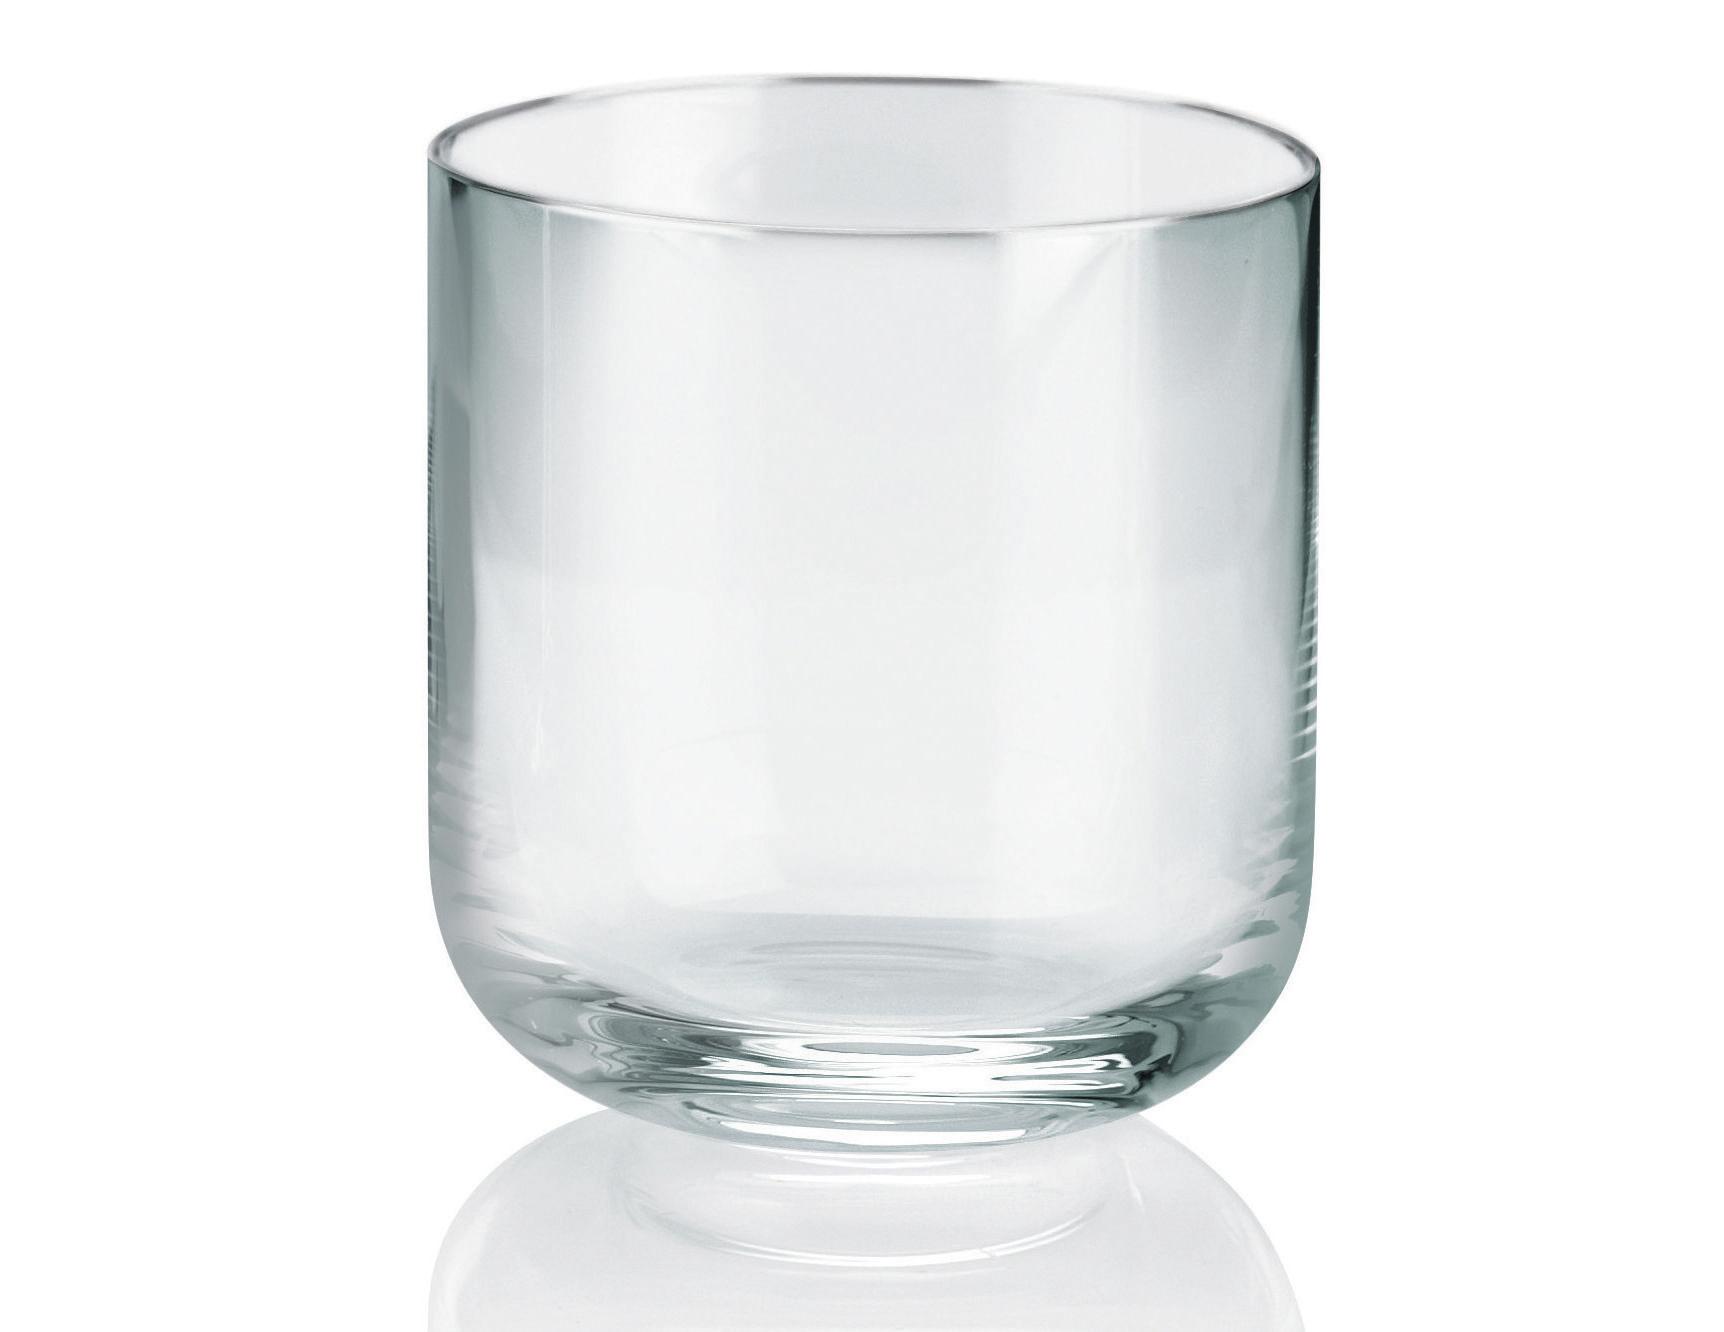 Scopri bicchiere da acqua all time bicchiere da acqua di for Acqua design italia